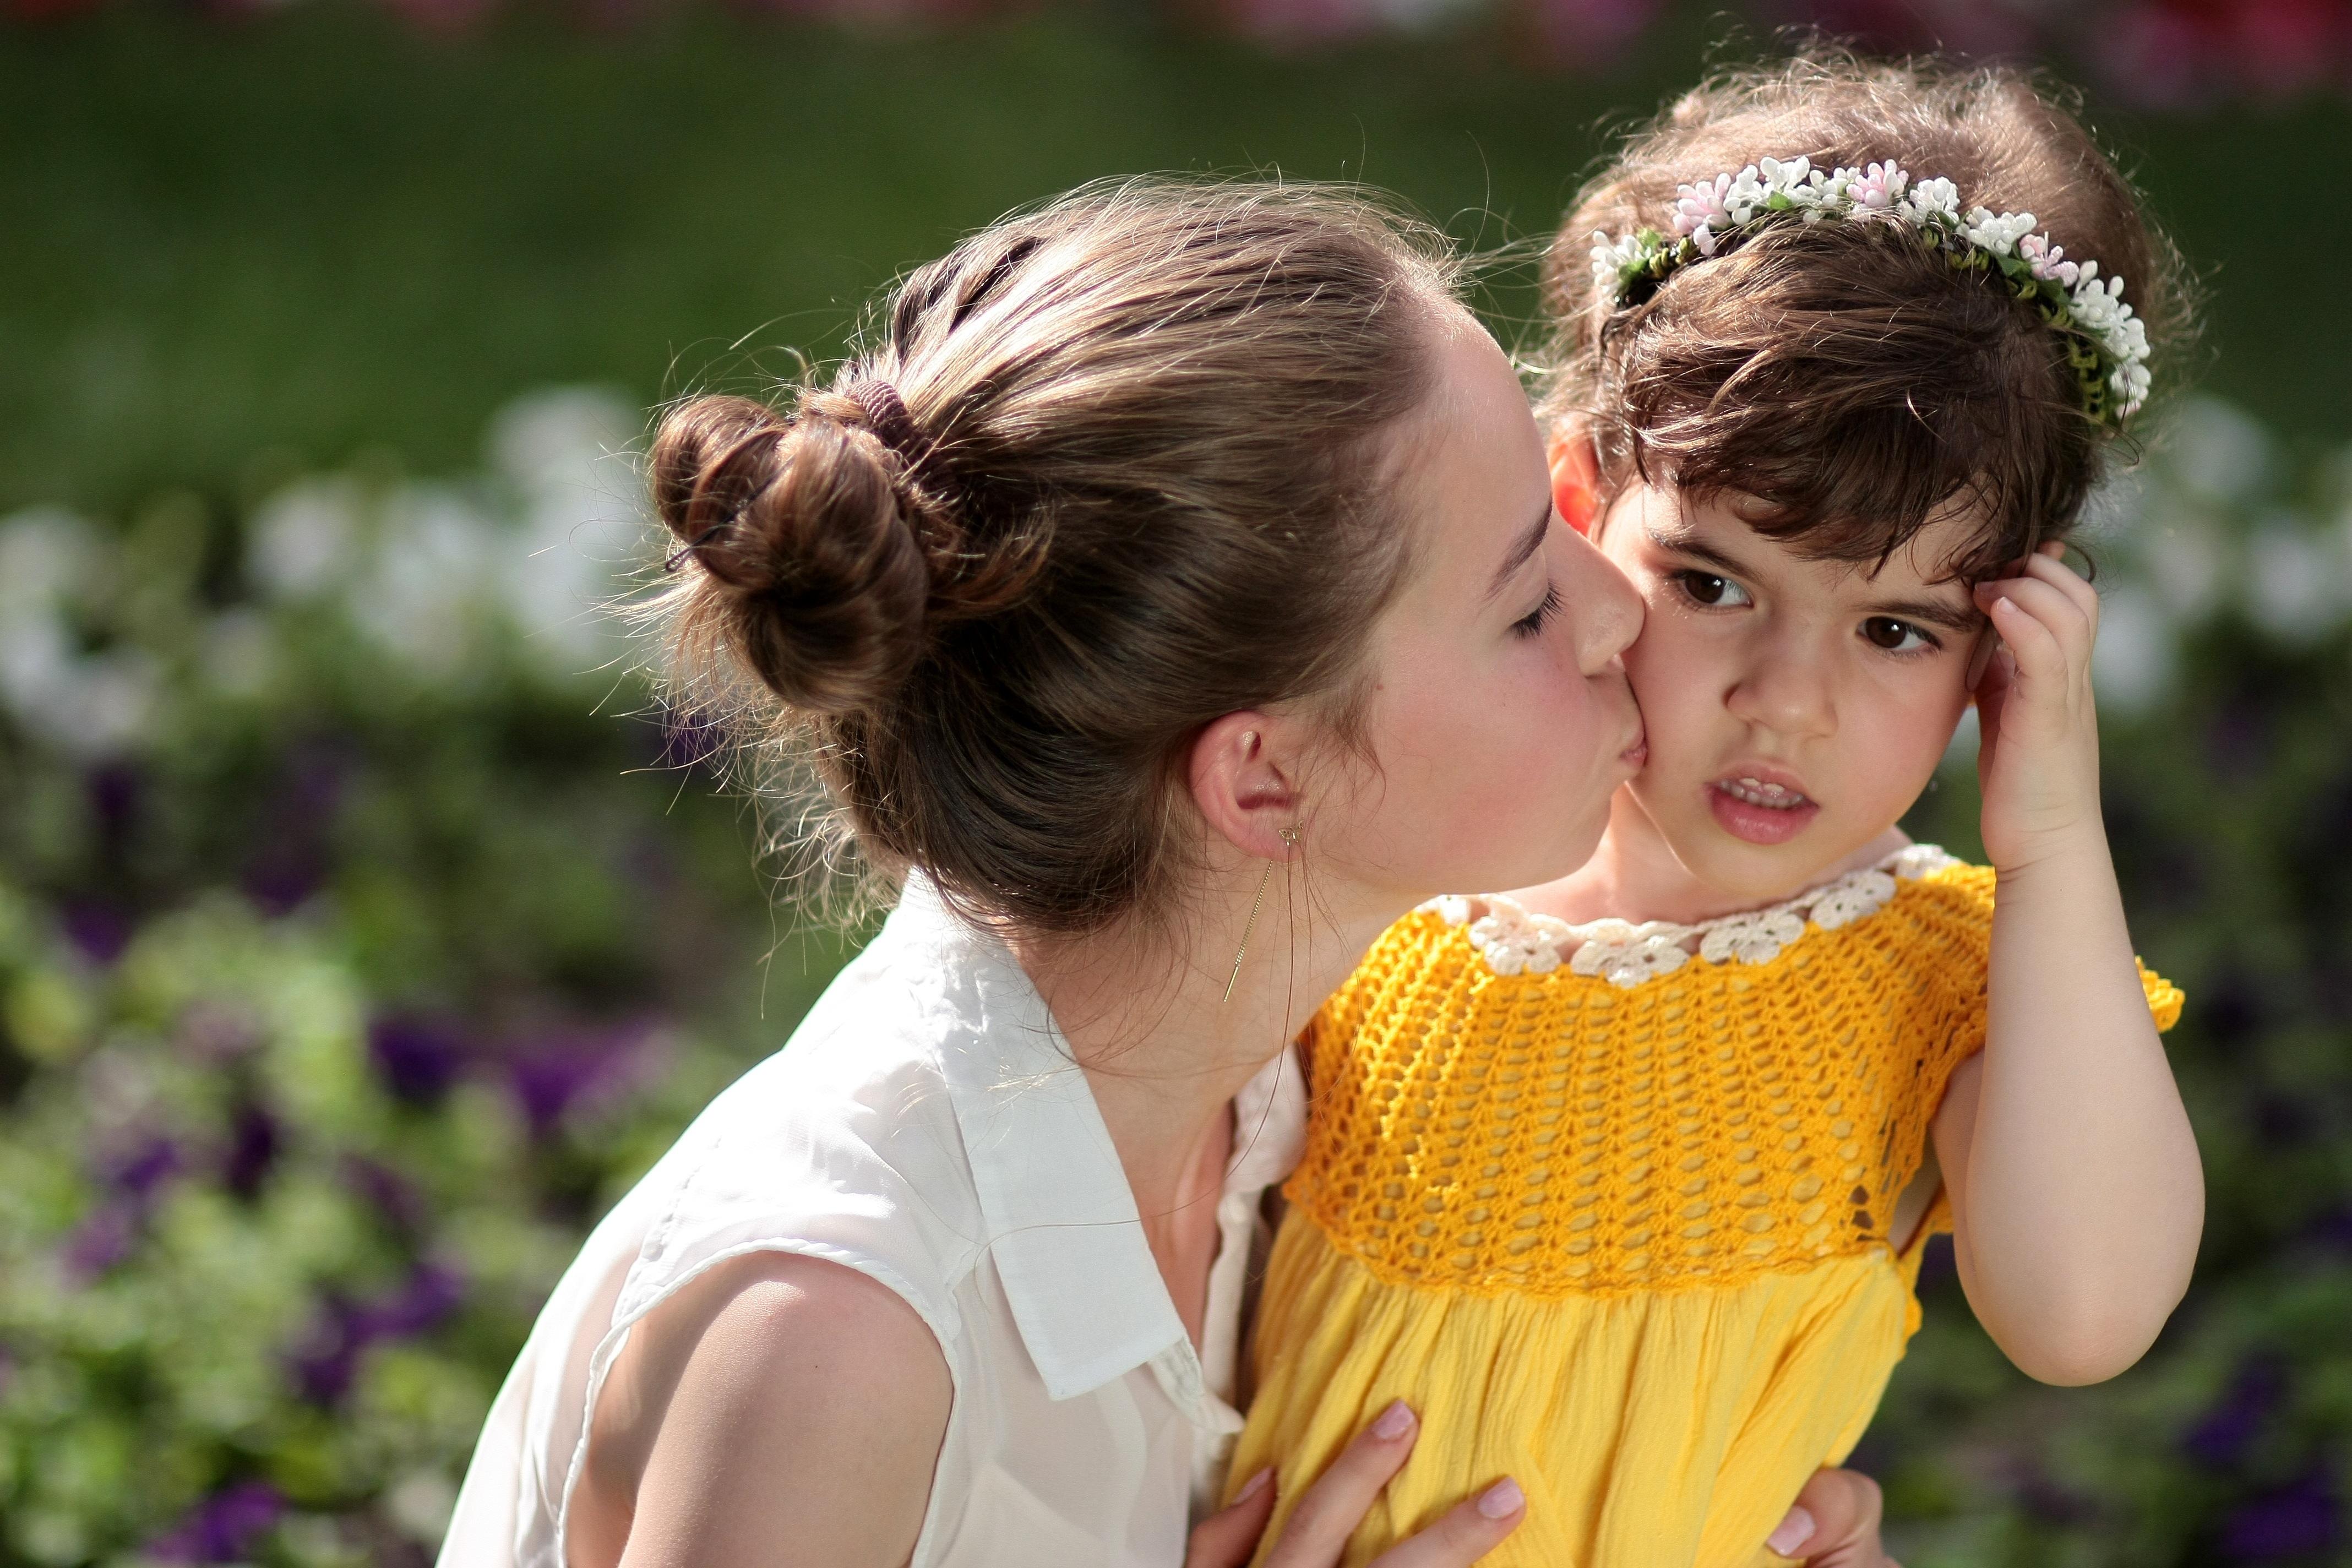 Фотография Девочки Шатенка Мама Дети Поцелуй Любовь вдвоем Девушки смотрит 4272x2848 Мать Ребёнок 2 Двое Взгляд